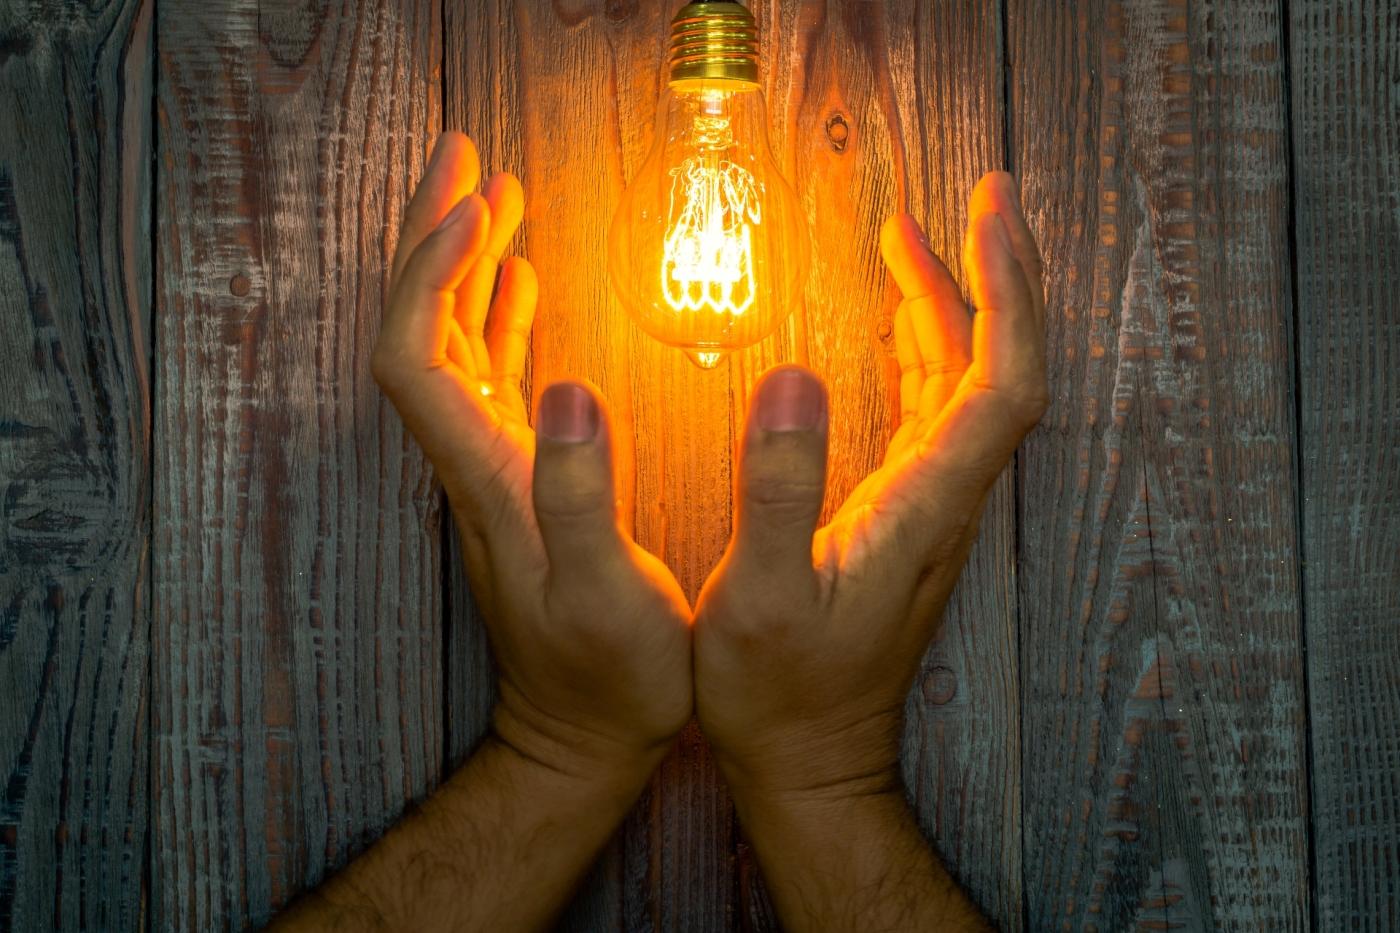 Comment remplacer le boitier variateur de lumière d'une lampe halogène ?